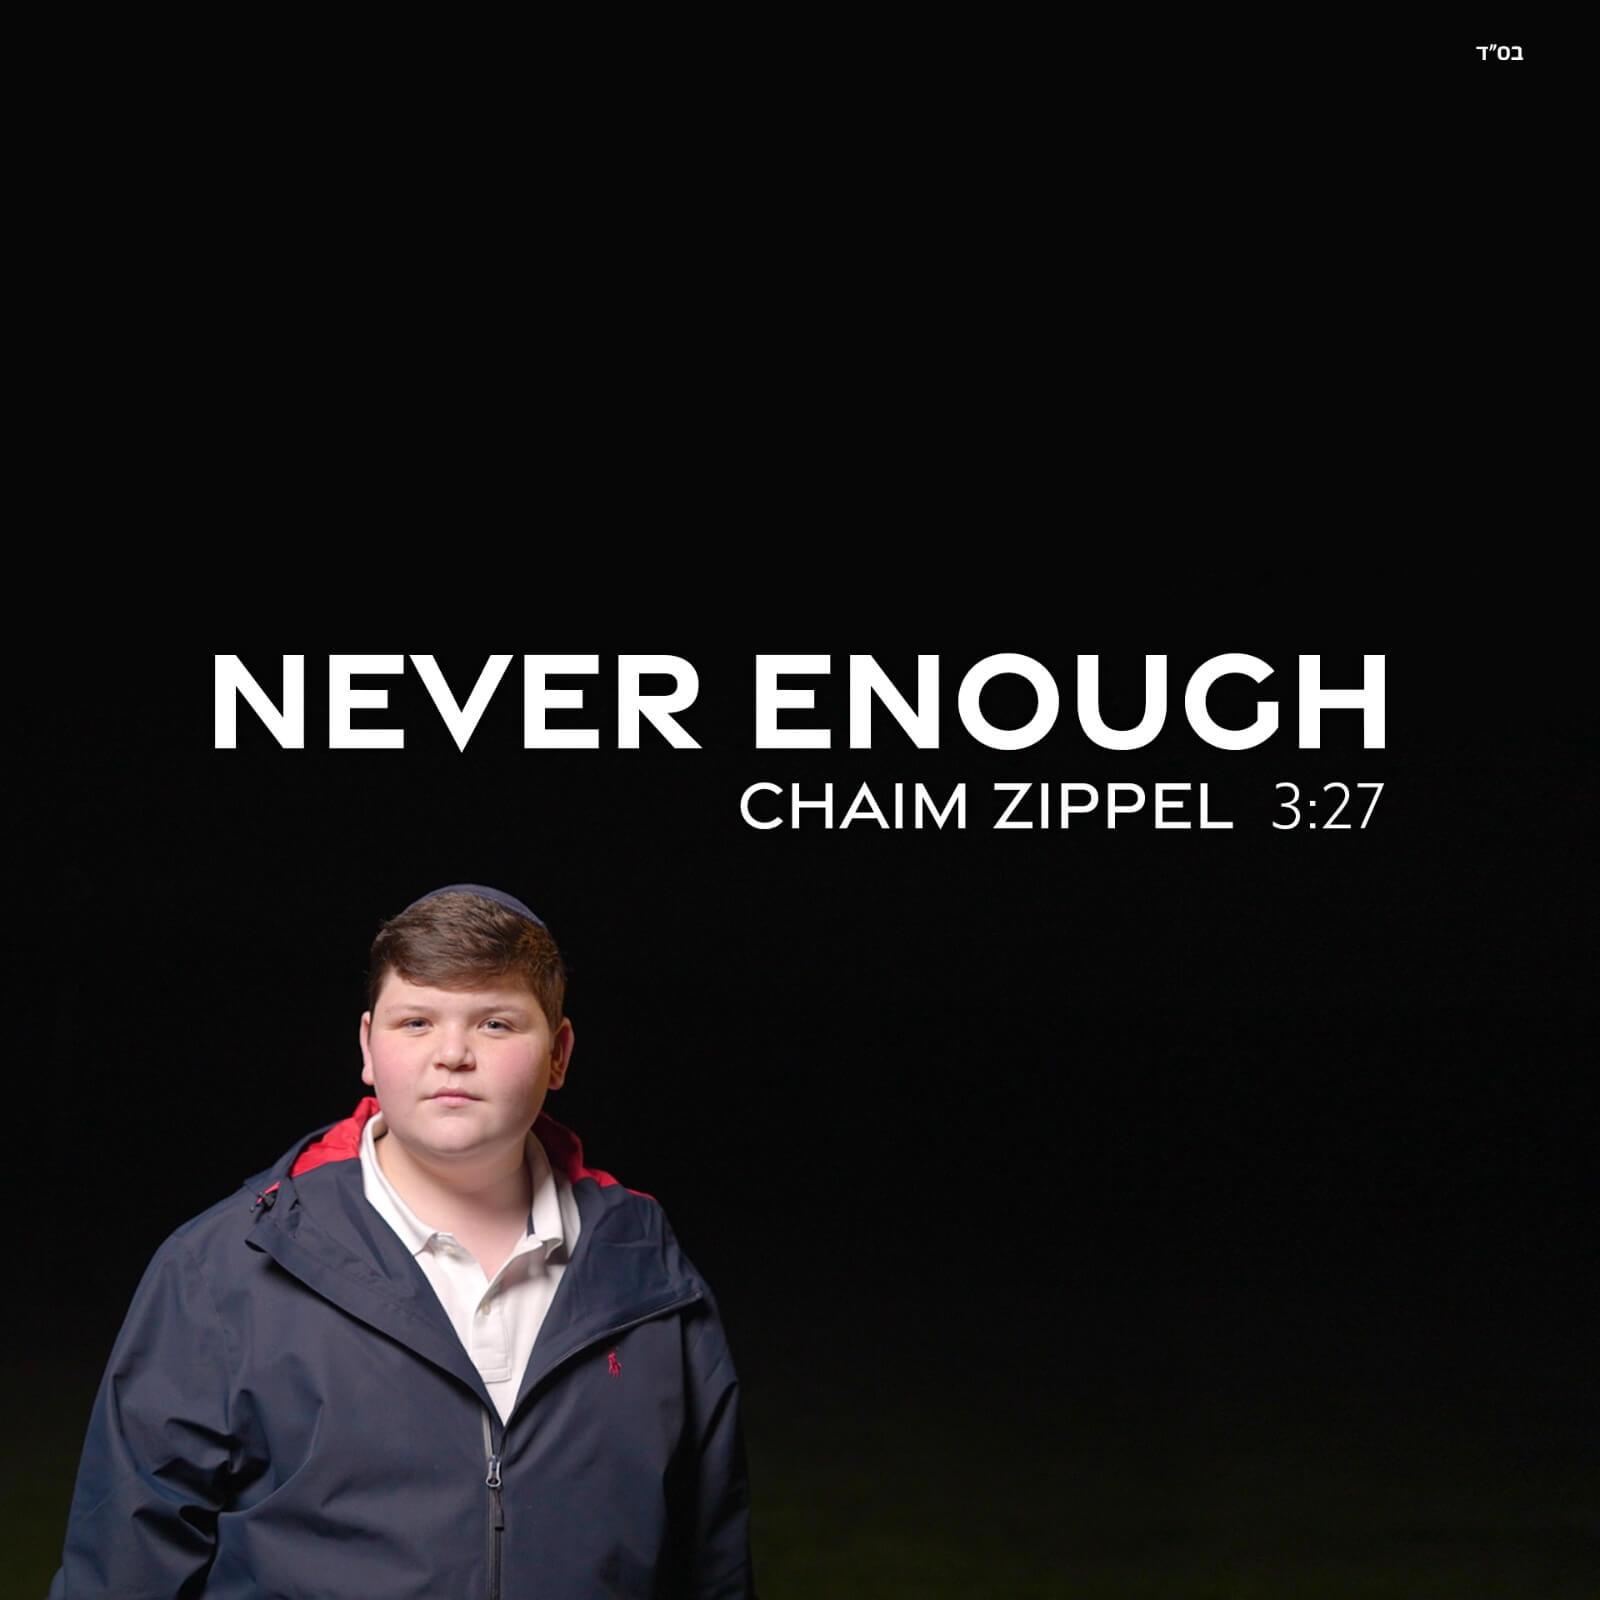 חיים ציפל בסינגל – Never Enough- אף פעם לא מספיק! סקירה דוסיז צרכנות